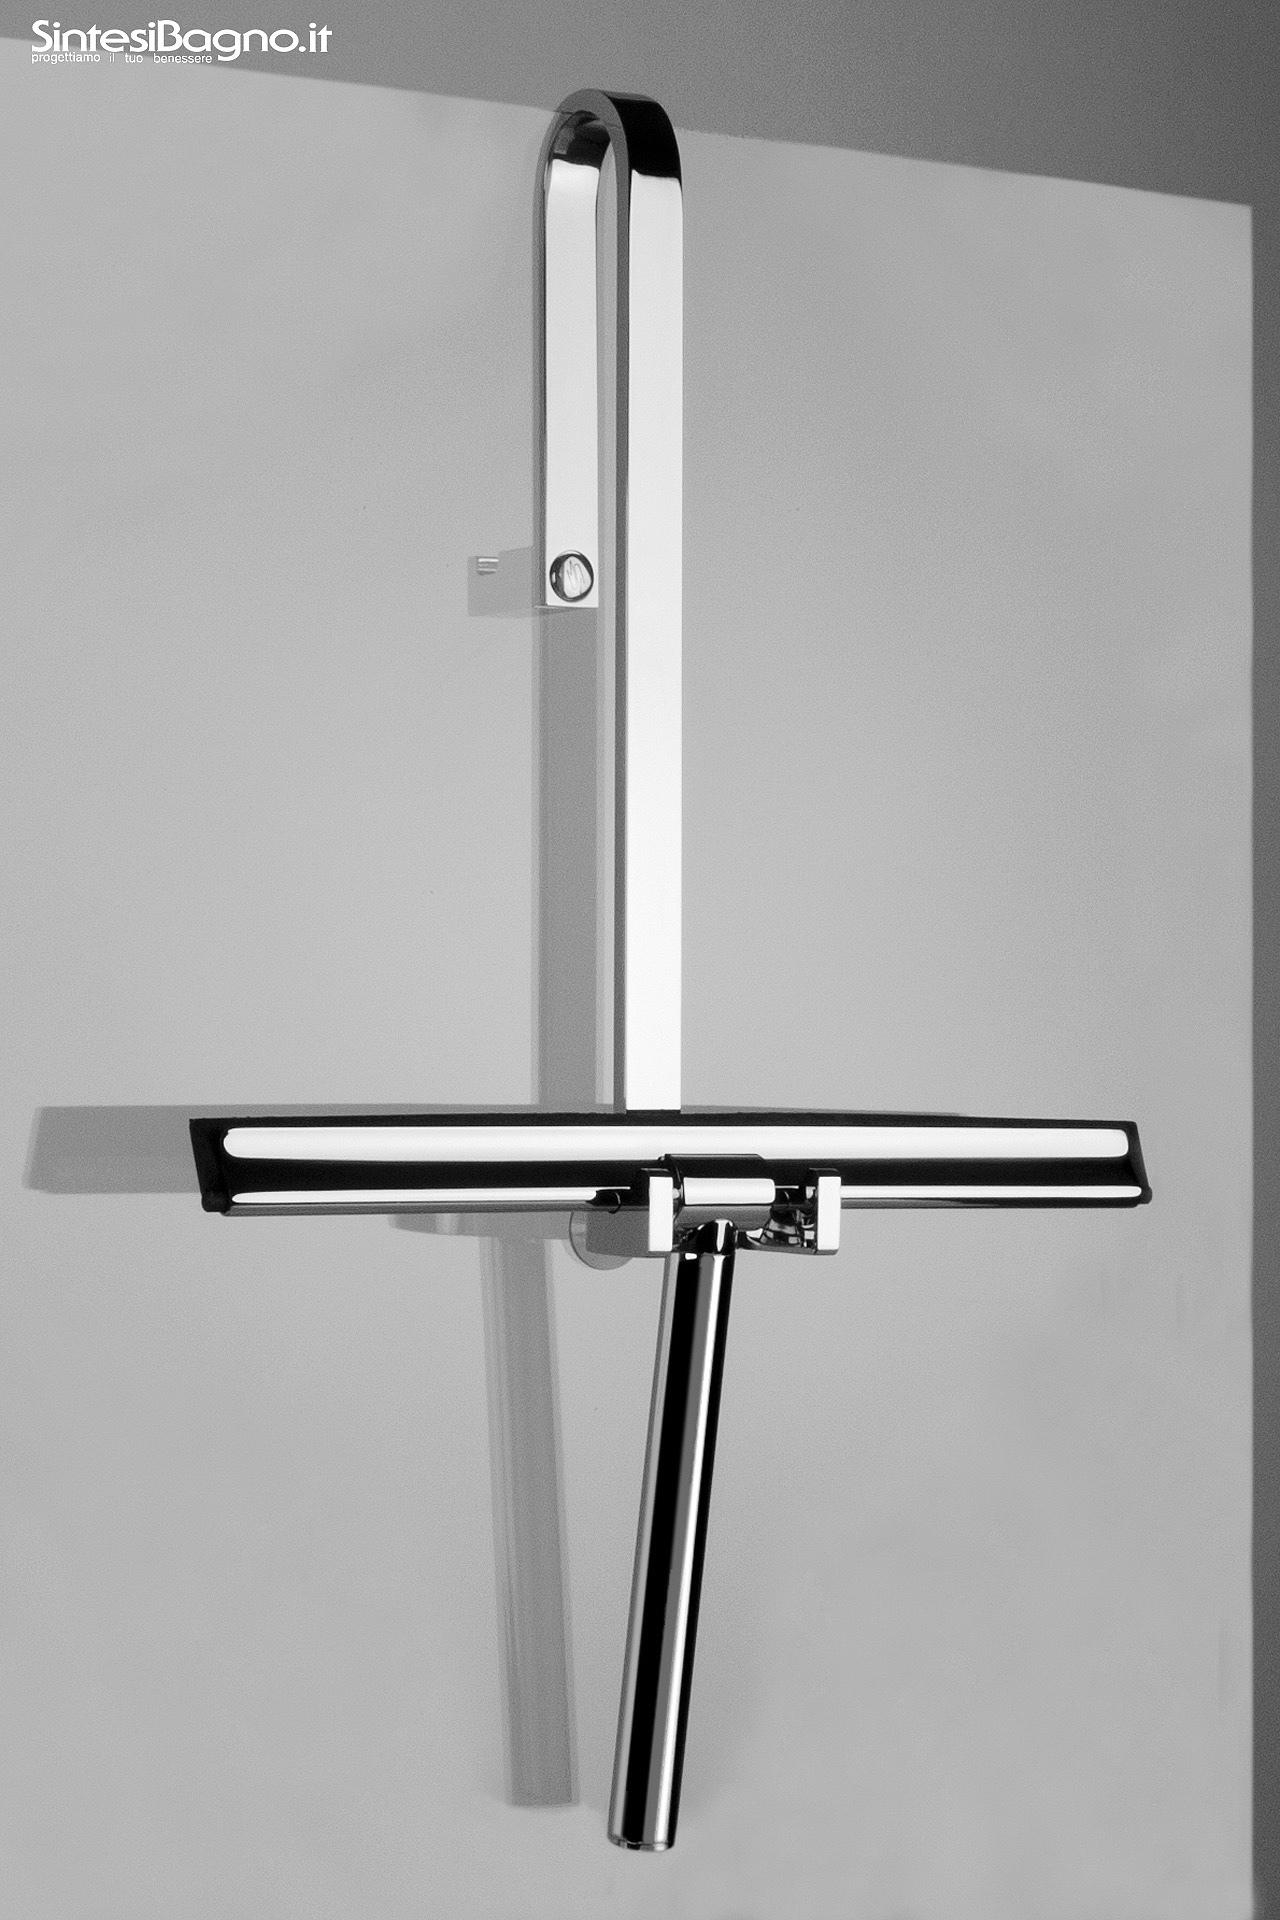 """Tergivetro doccia """"ACQUACLEAN"""" > Con porta tergivetro per box doccia con porta accappatoio esterno"""